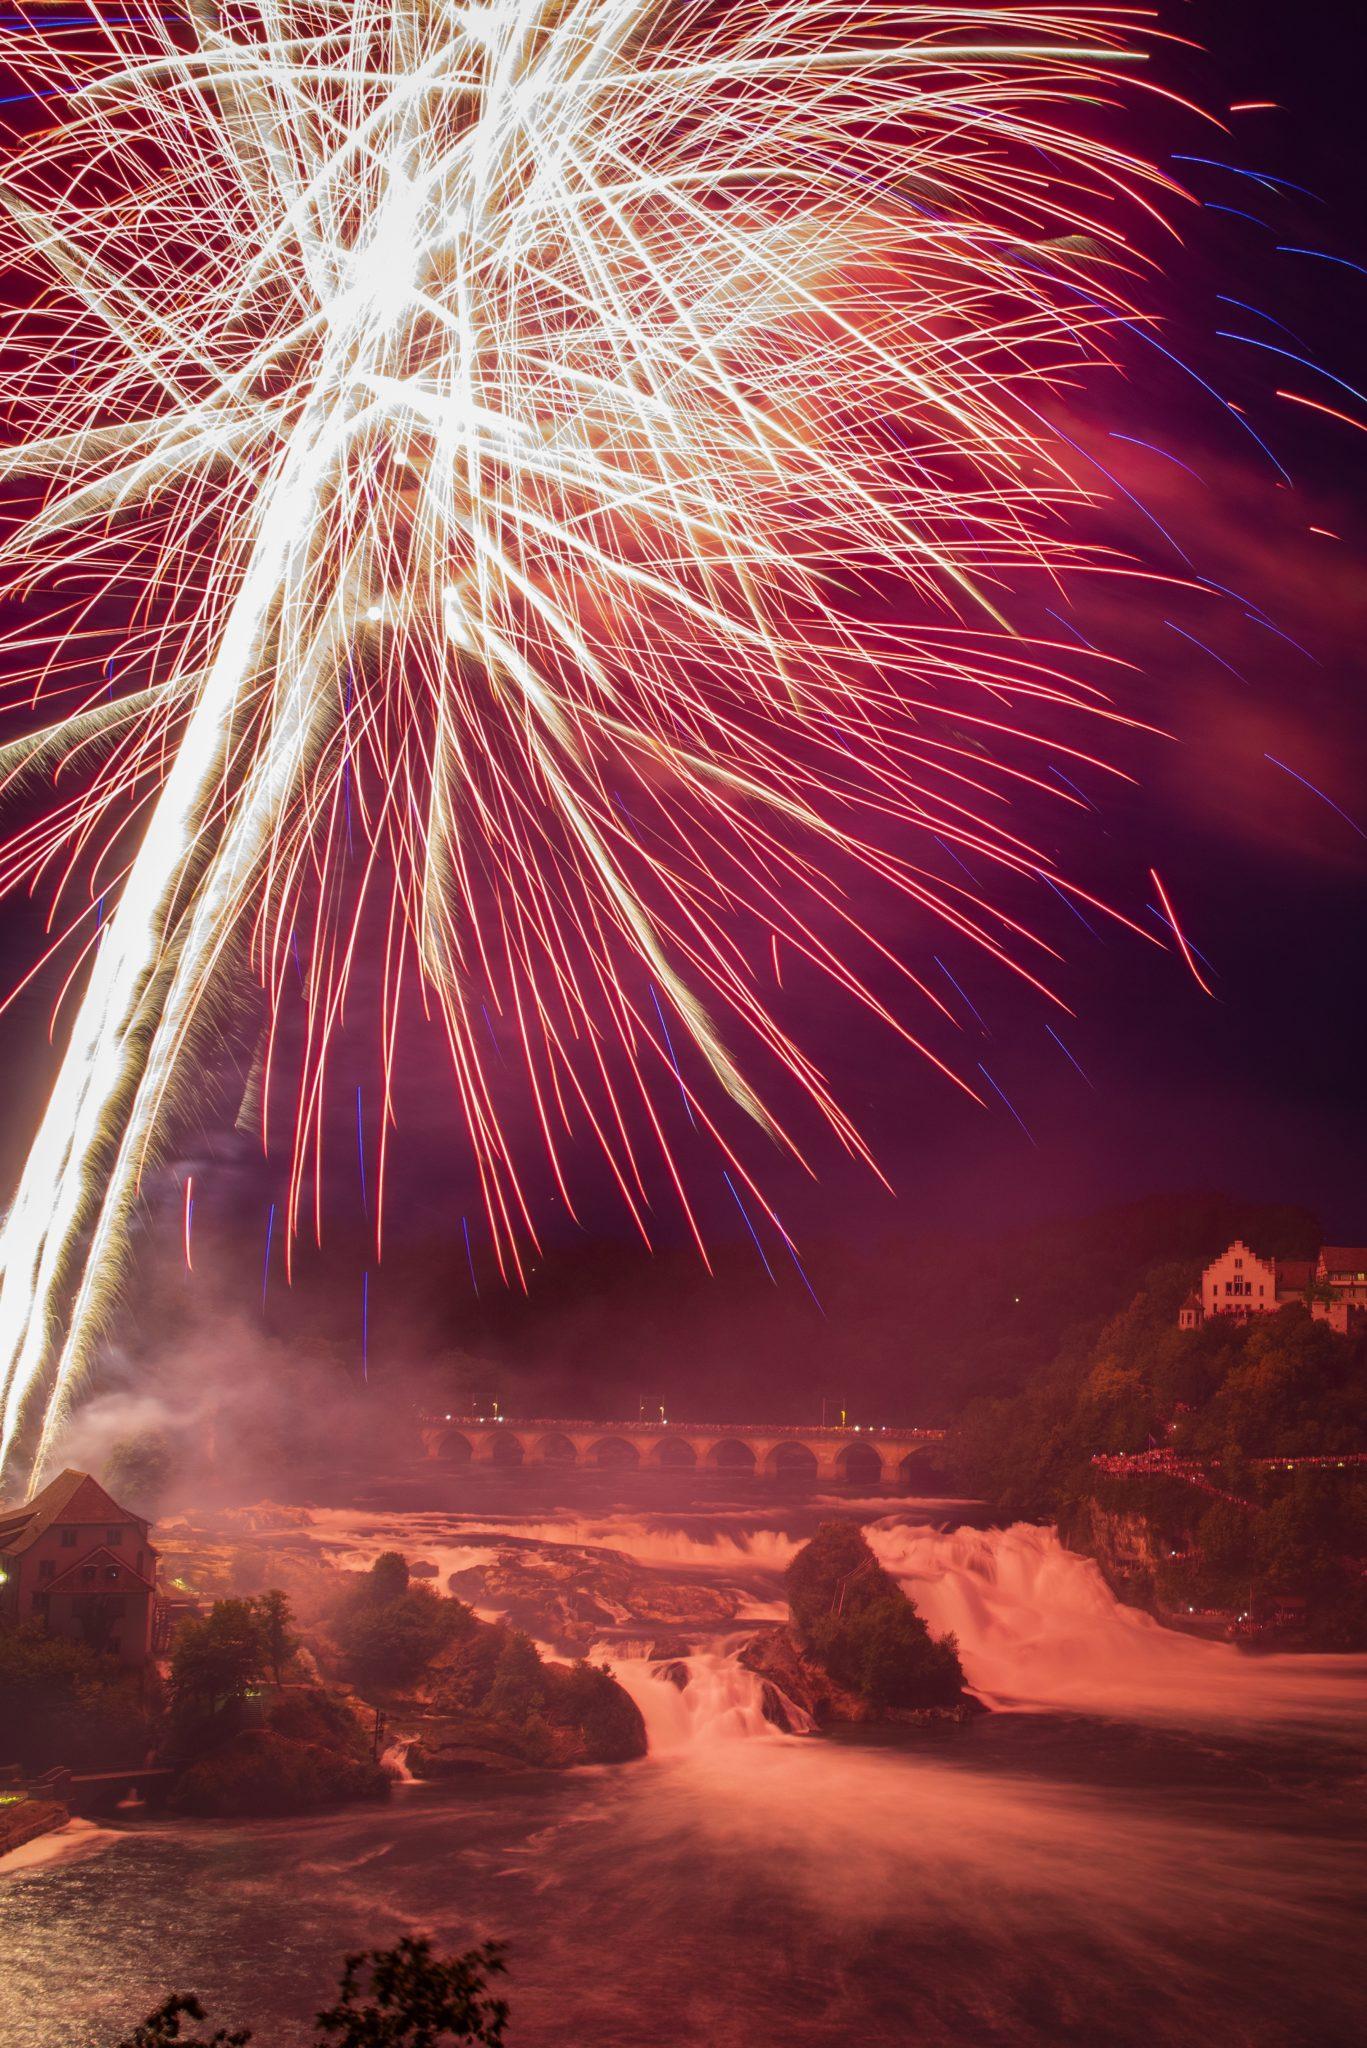 Pokaz sztucznych ogni nad Renem, w Neuhausen. Szwajcaria - 1go sierpnia - obchodzi Święto Narodowe, fot. Melanie Duchene, PAP/EPA